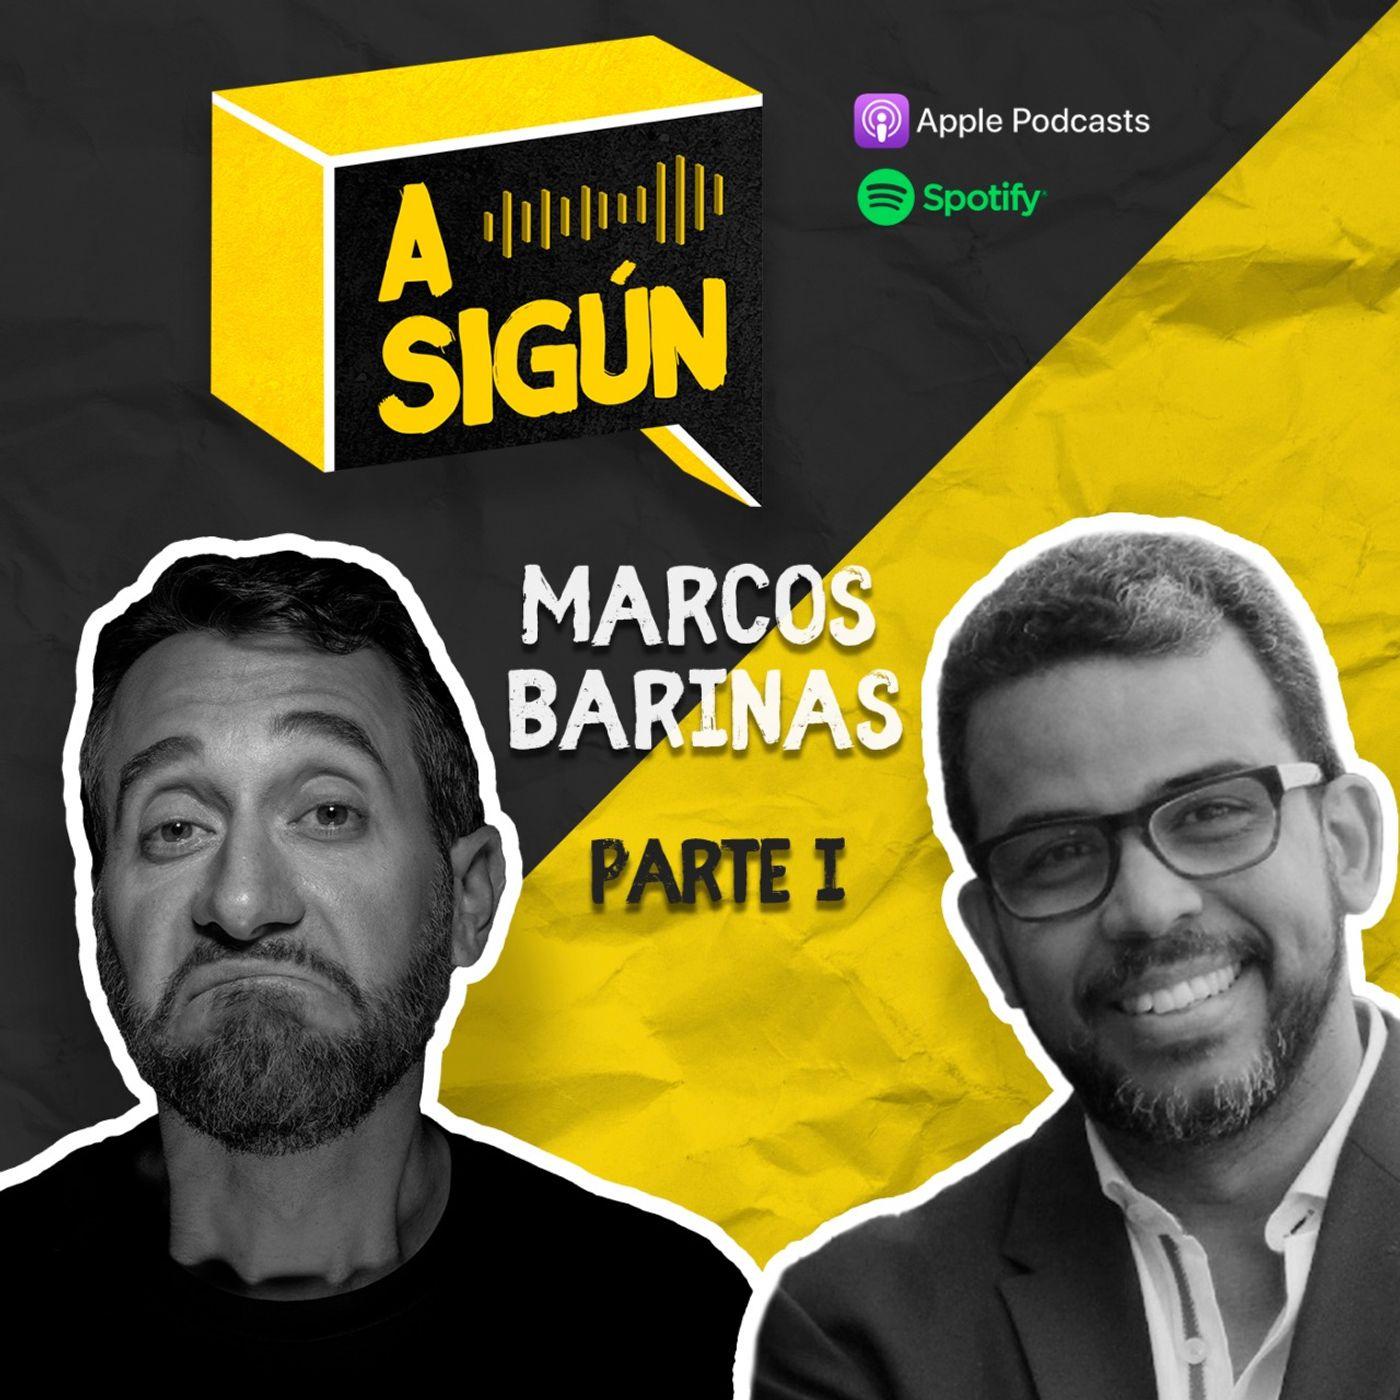 004. A SIGÚN: Marcos Barinas